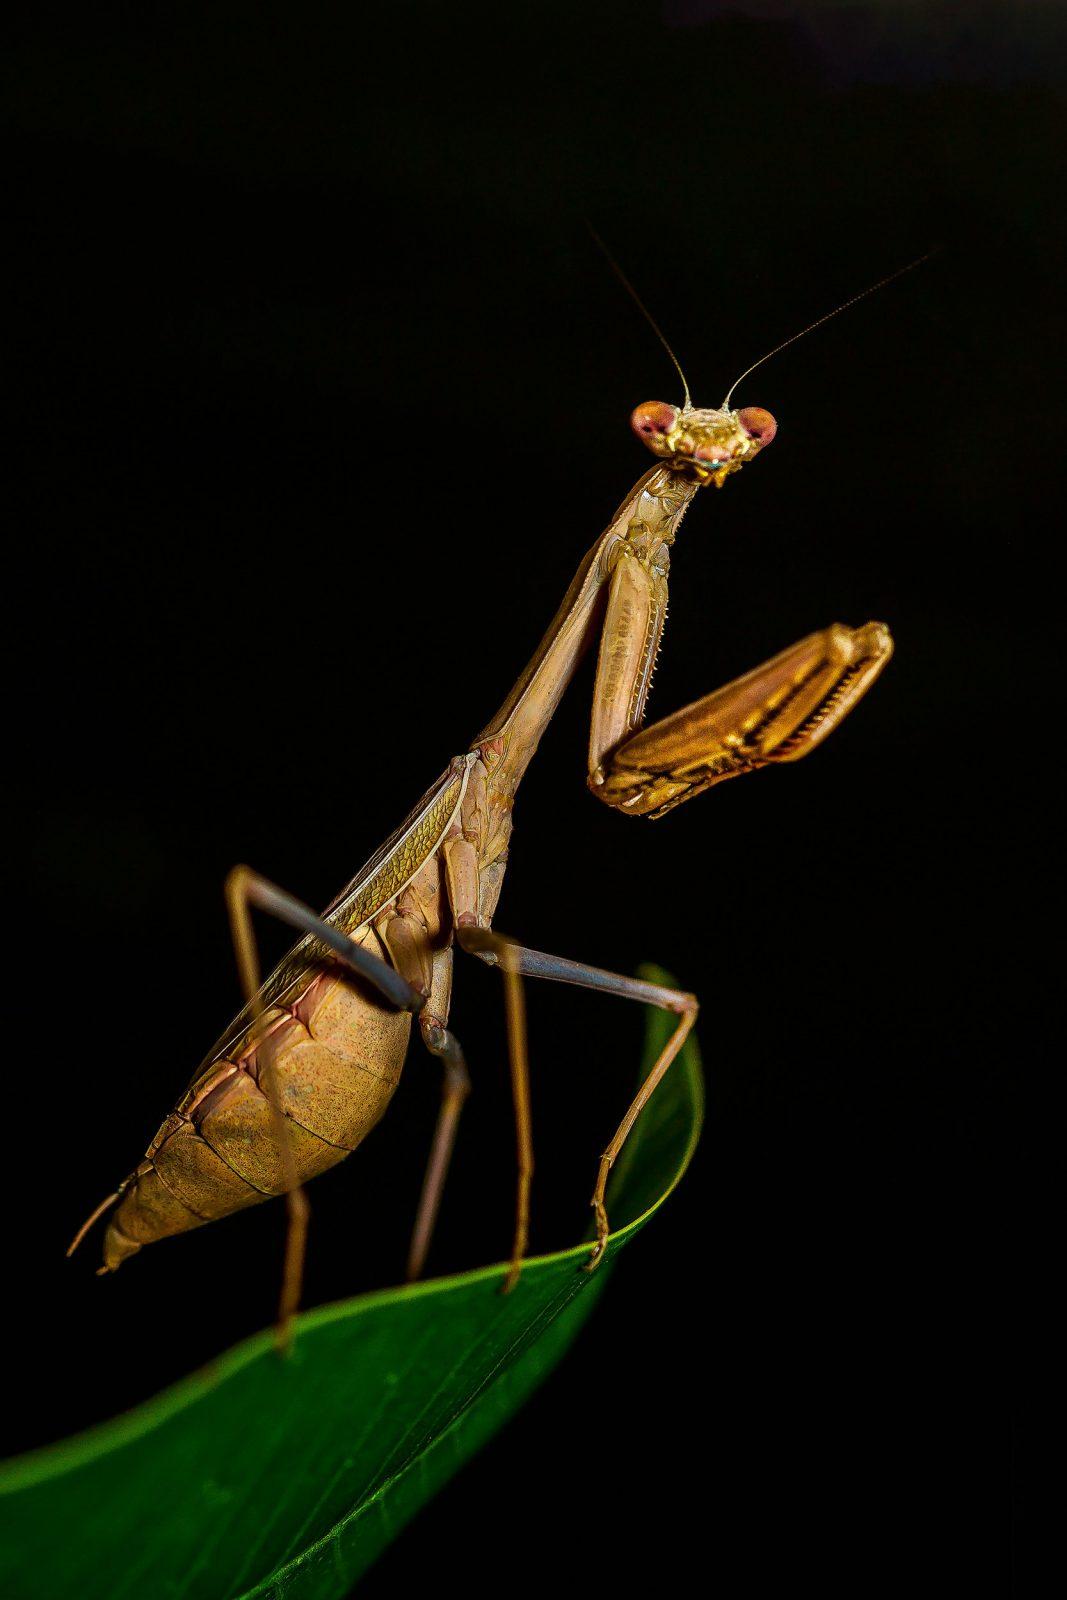 O louva deus é um dos maiores insetos que existe.